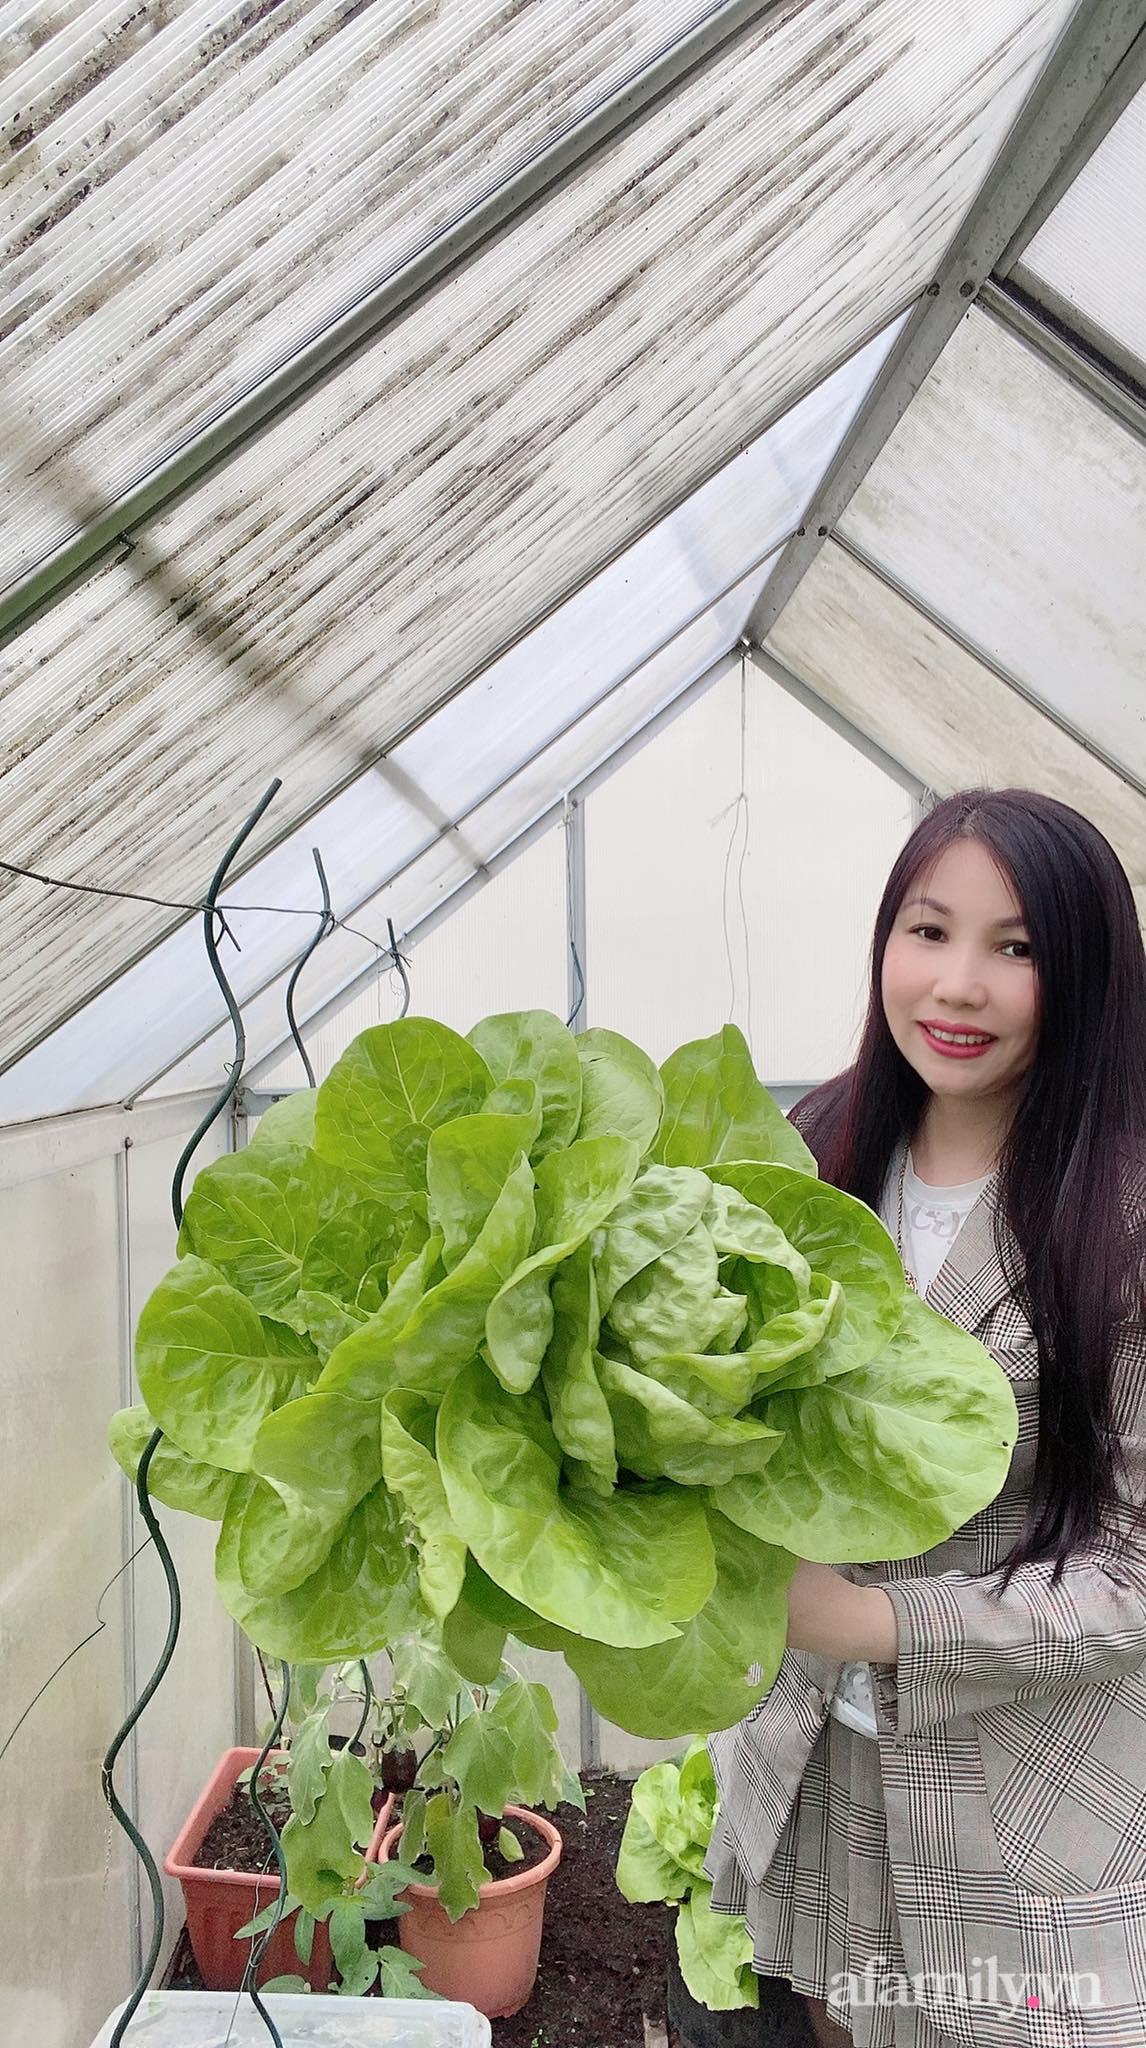 Bất ngờ trước lý do trồng cả vườn rau trái Việt quanh năm tốt tươi của mẹ đảm ở Séc - Ảnh 5.